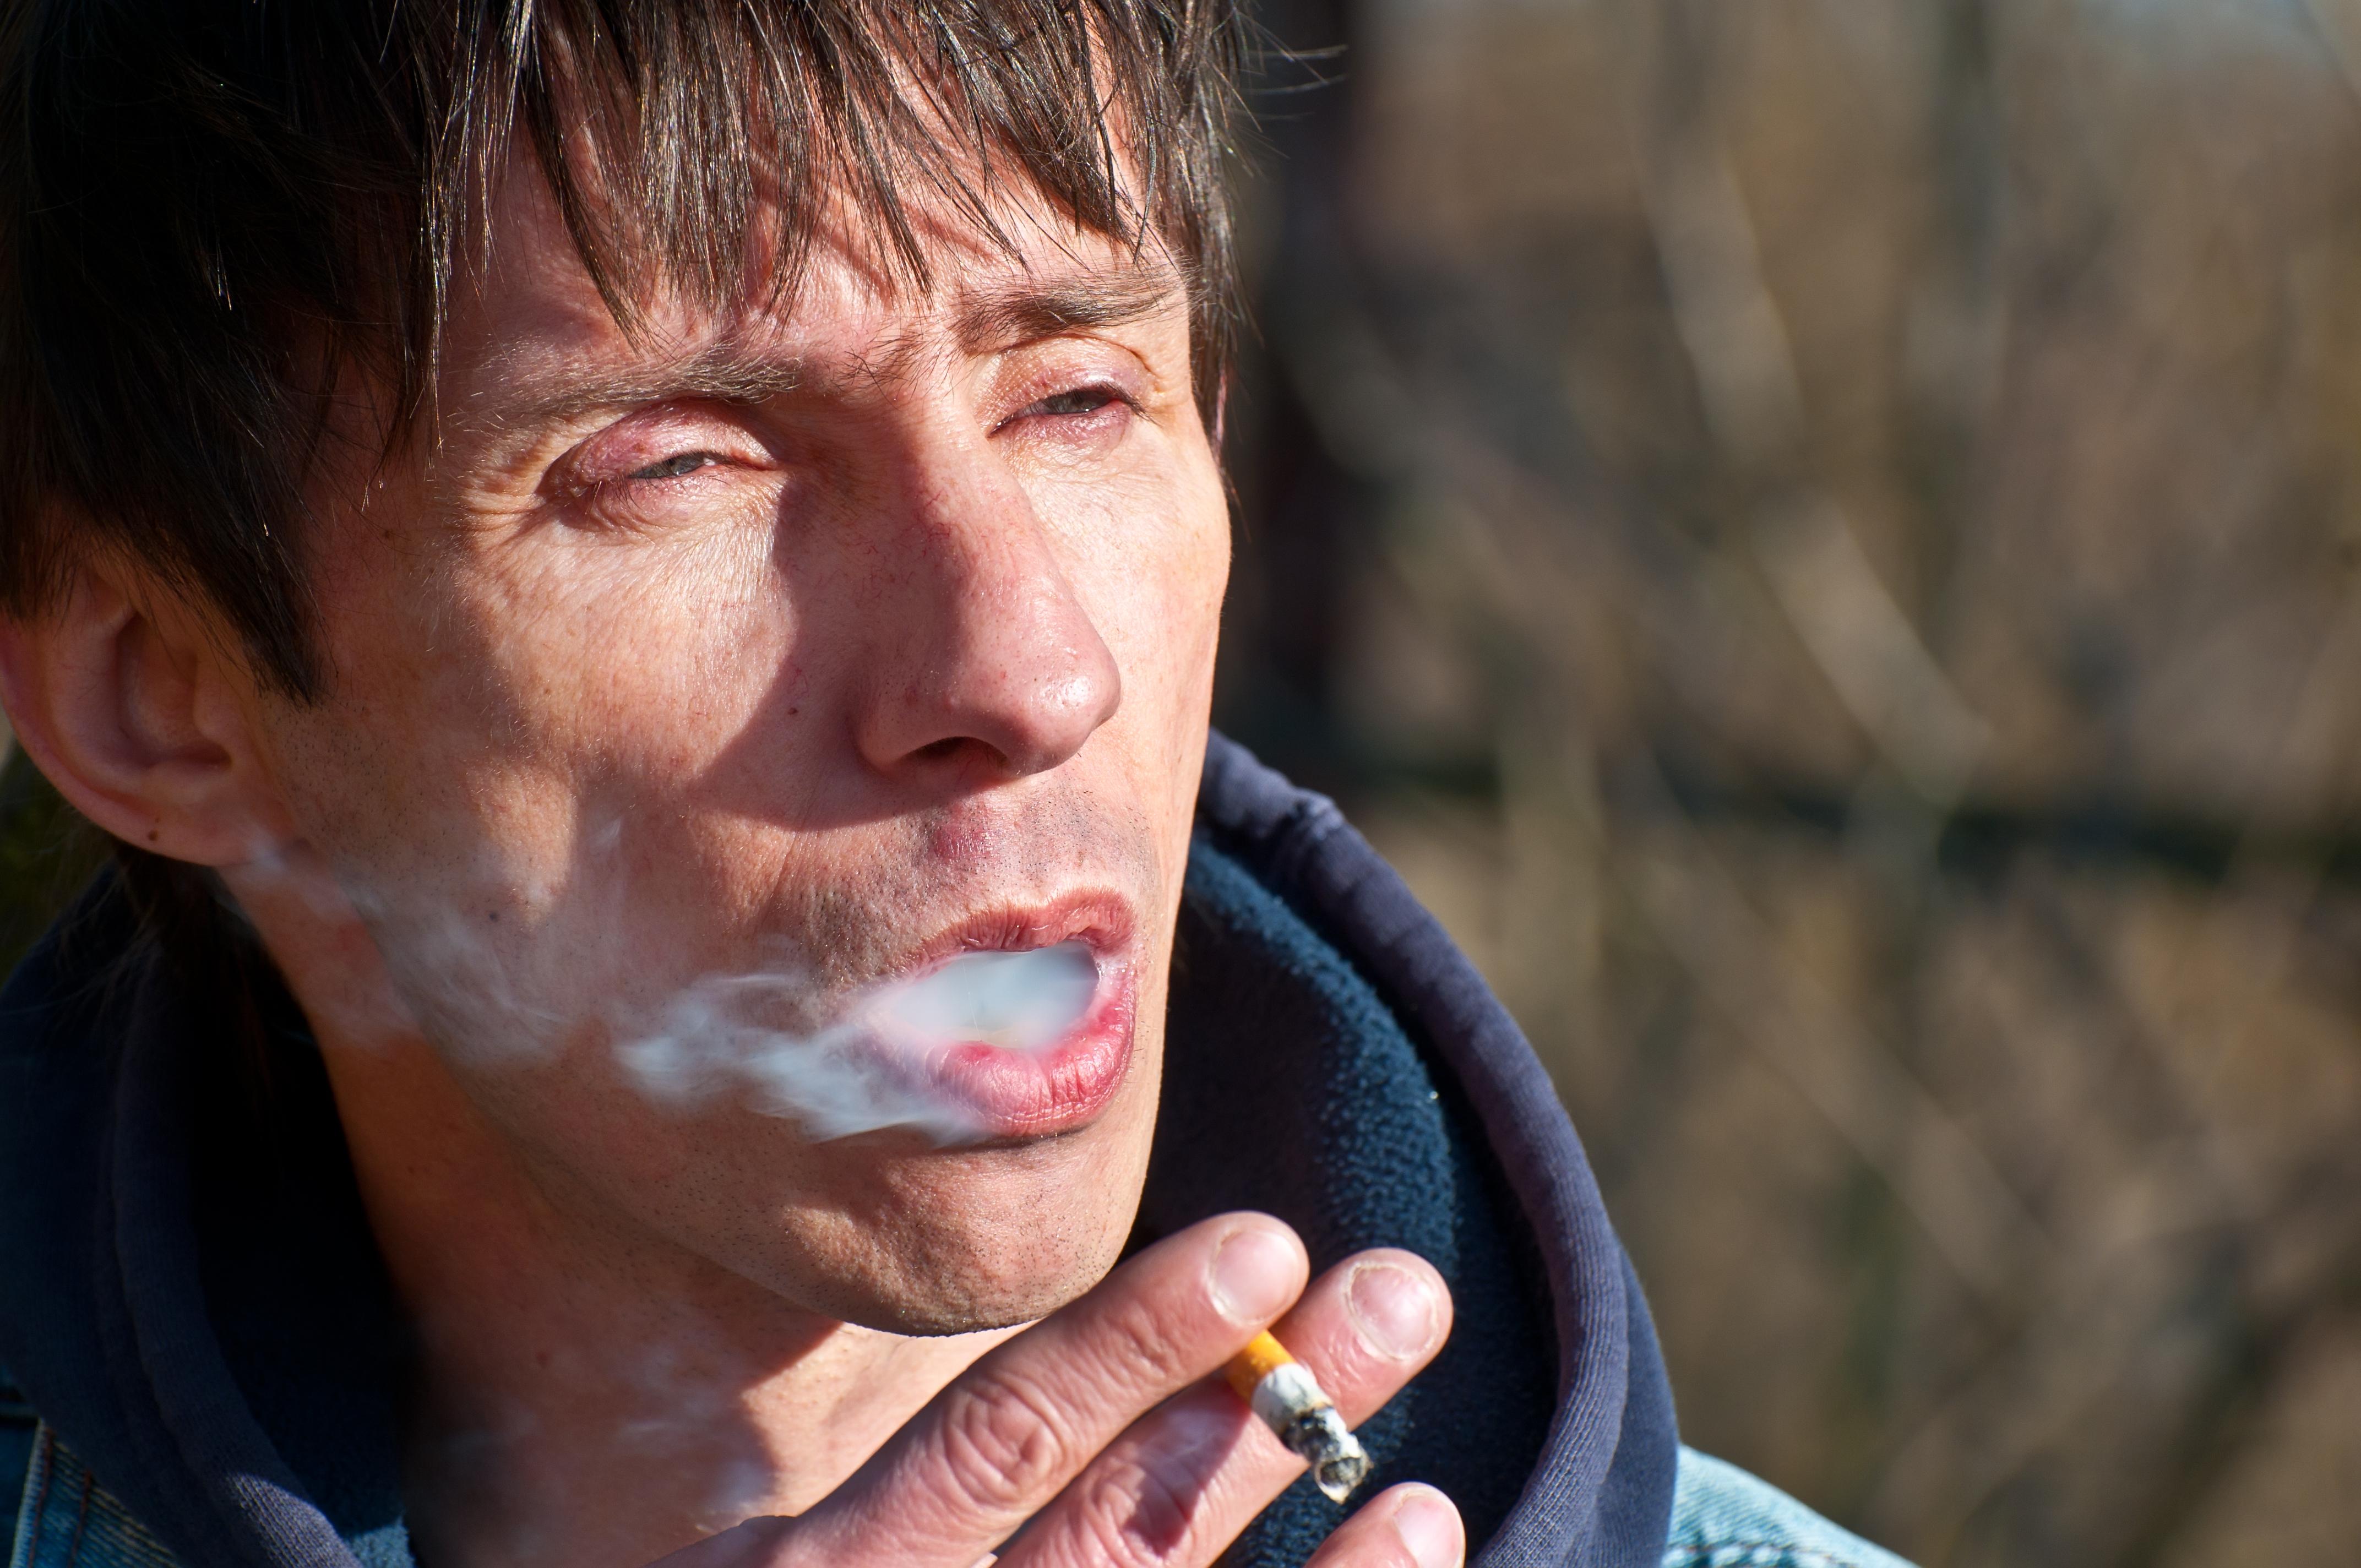 Det är svårare att upptäcka tandköttsinflammationer hos rökare.